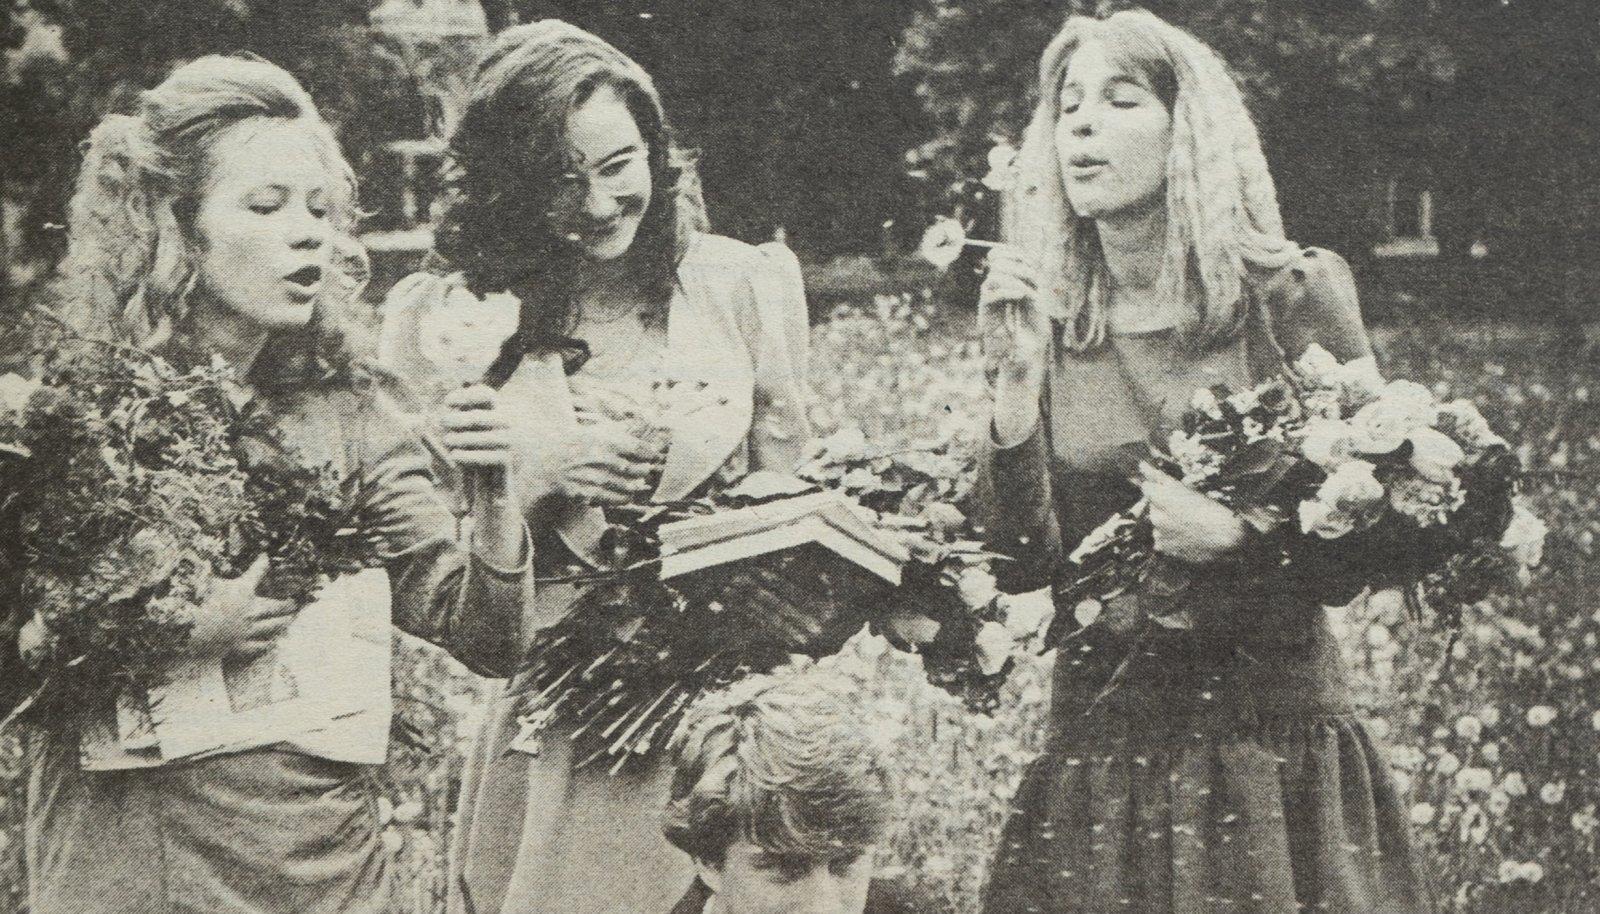 Maalehe esikaanel ilmunud fotol on Juuru keskkooli kuldmedaliga lõpetanud Ave Märjama, hõbedatüdrukud Kaili Tuisk ja Koidu Orul. Ees klassi kõige tublim noormees Alvar Jõekaar.